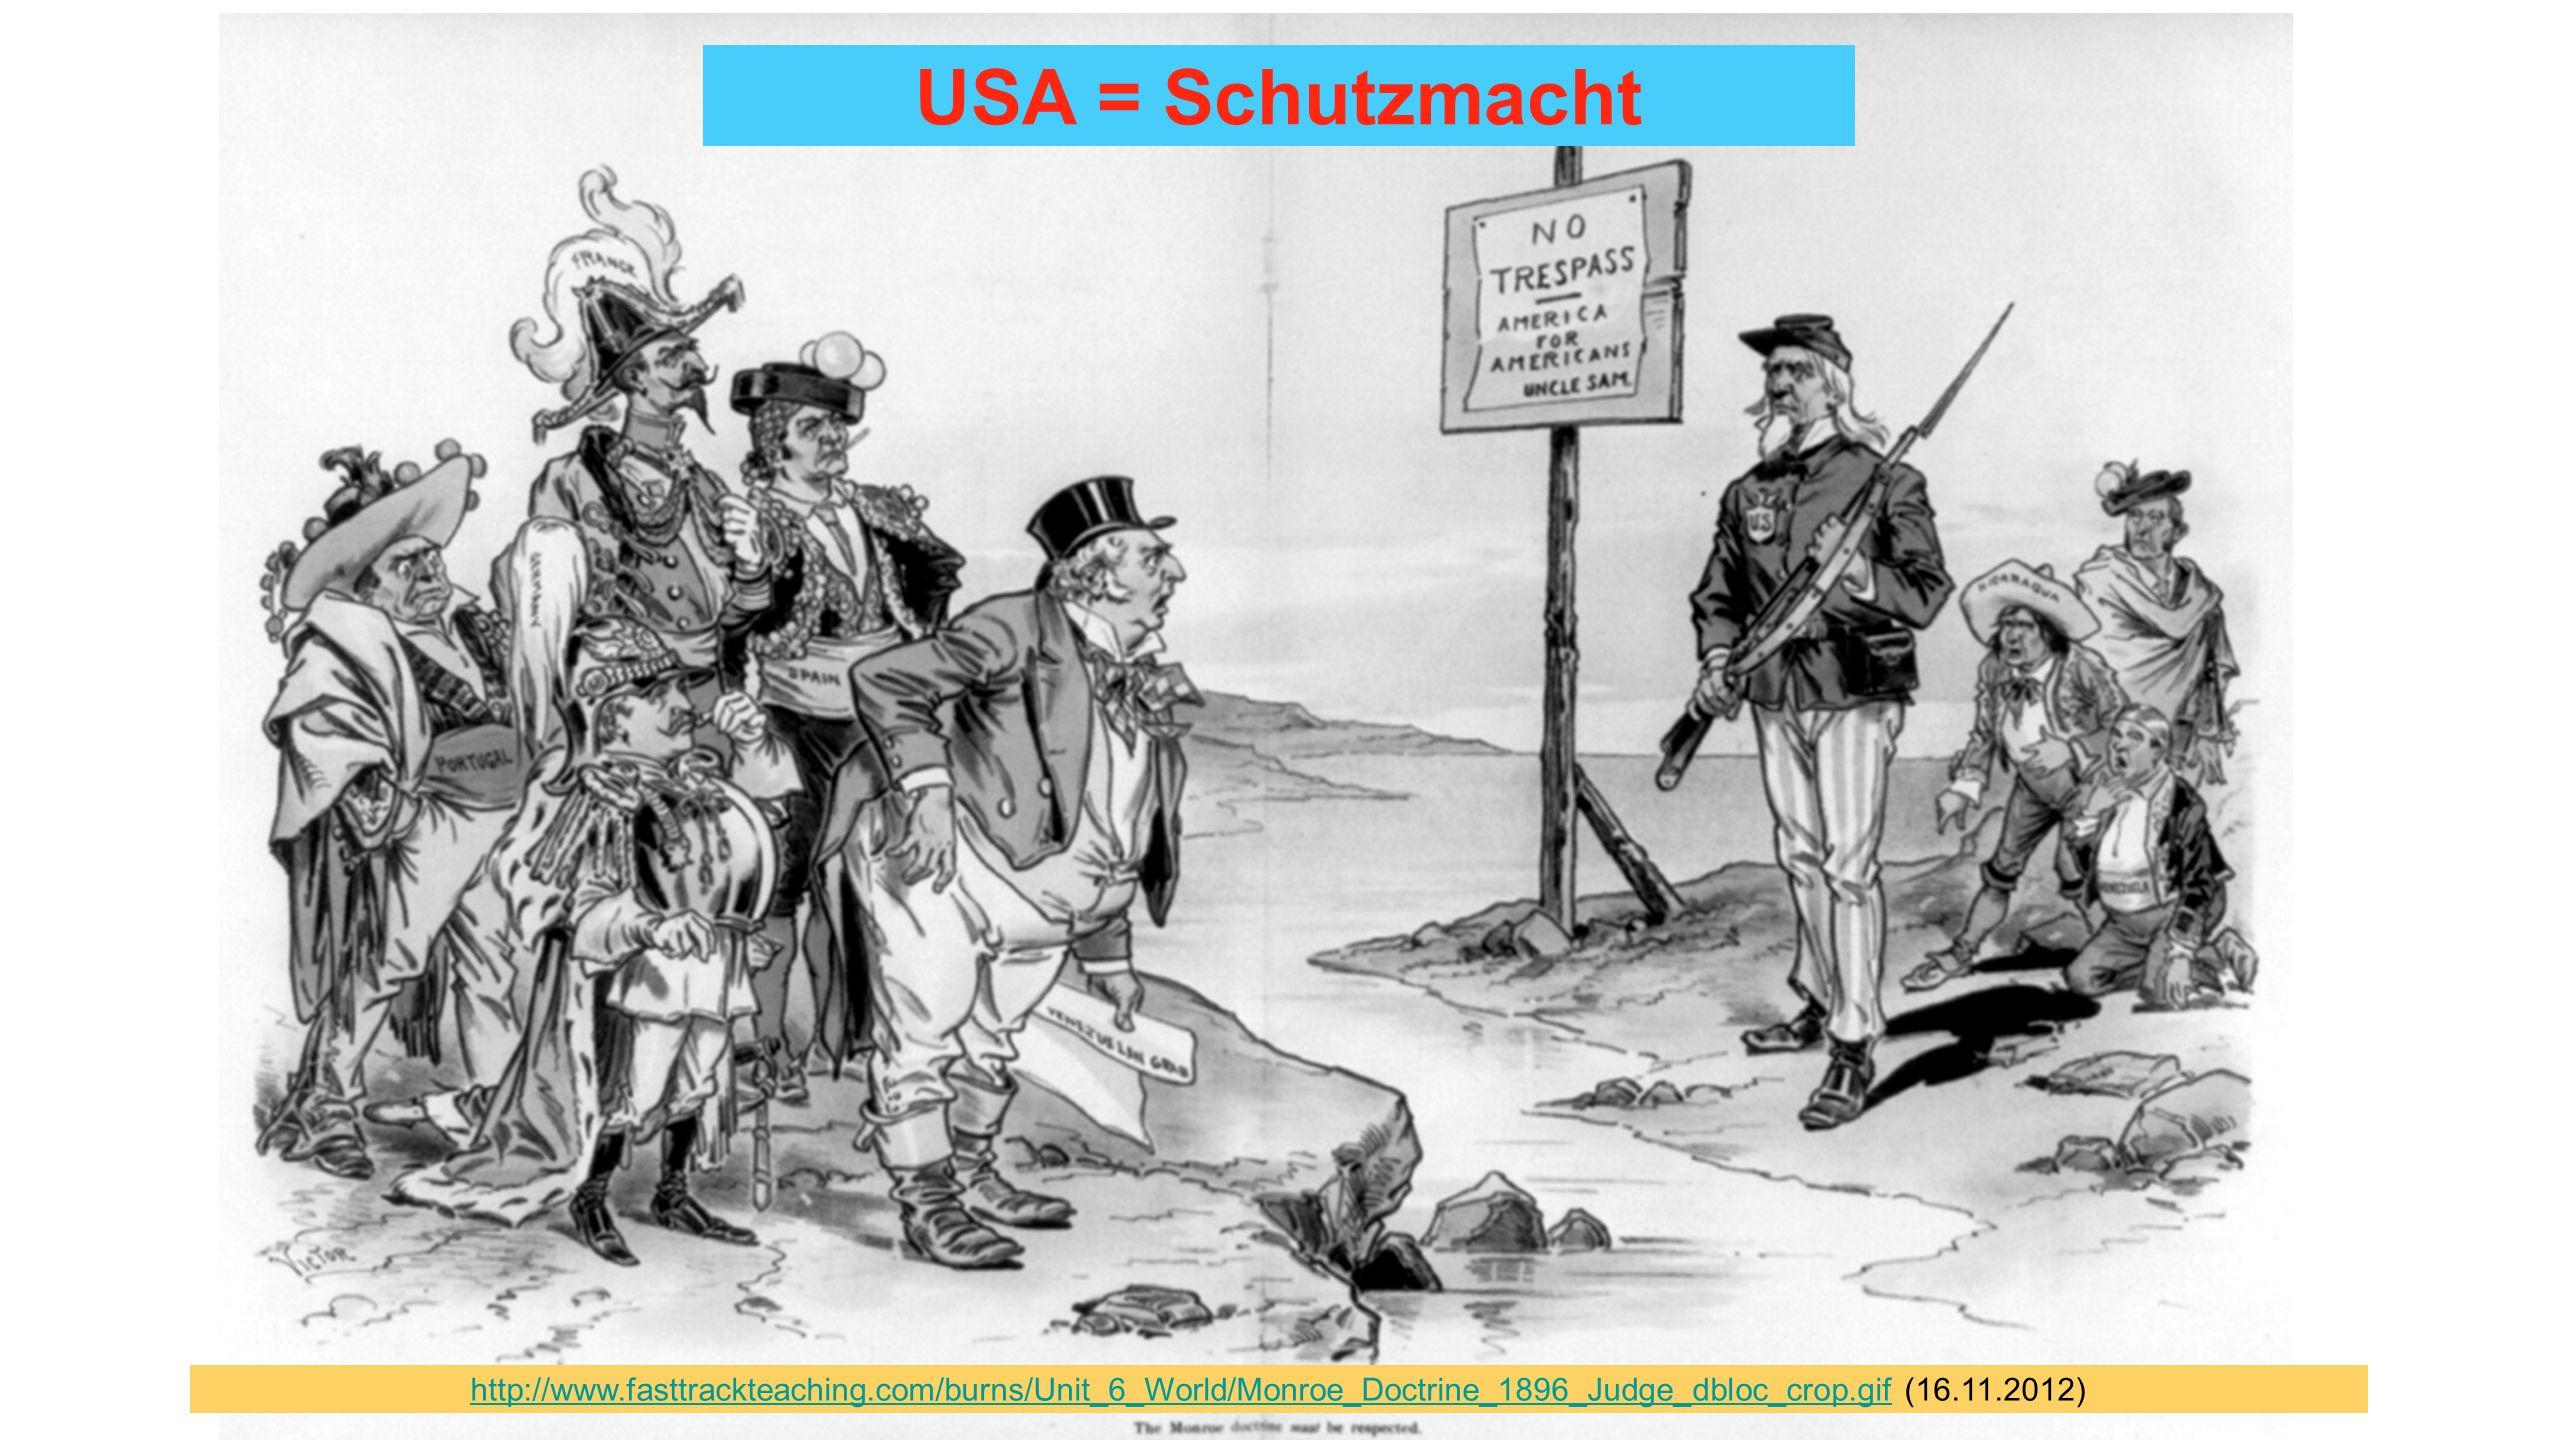 Ein kontinentaler Hegemonialanspruch vereinnahmend,We Americans vormundschaftlich isolationistisch